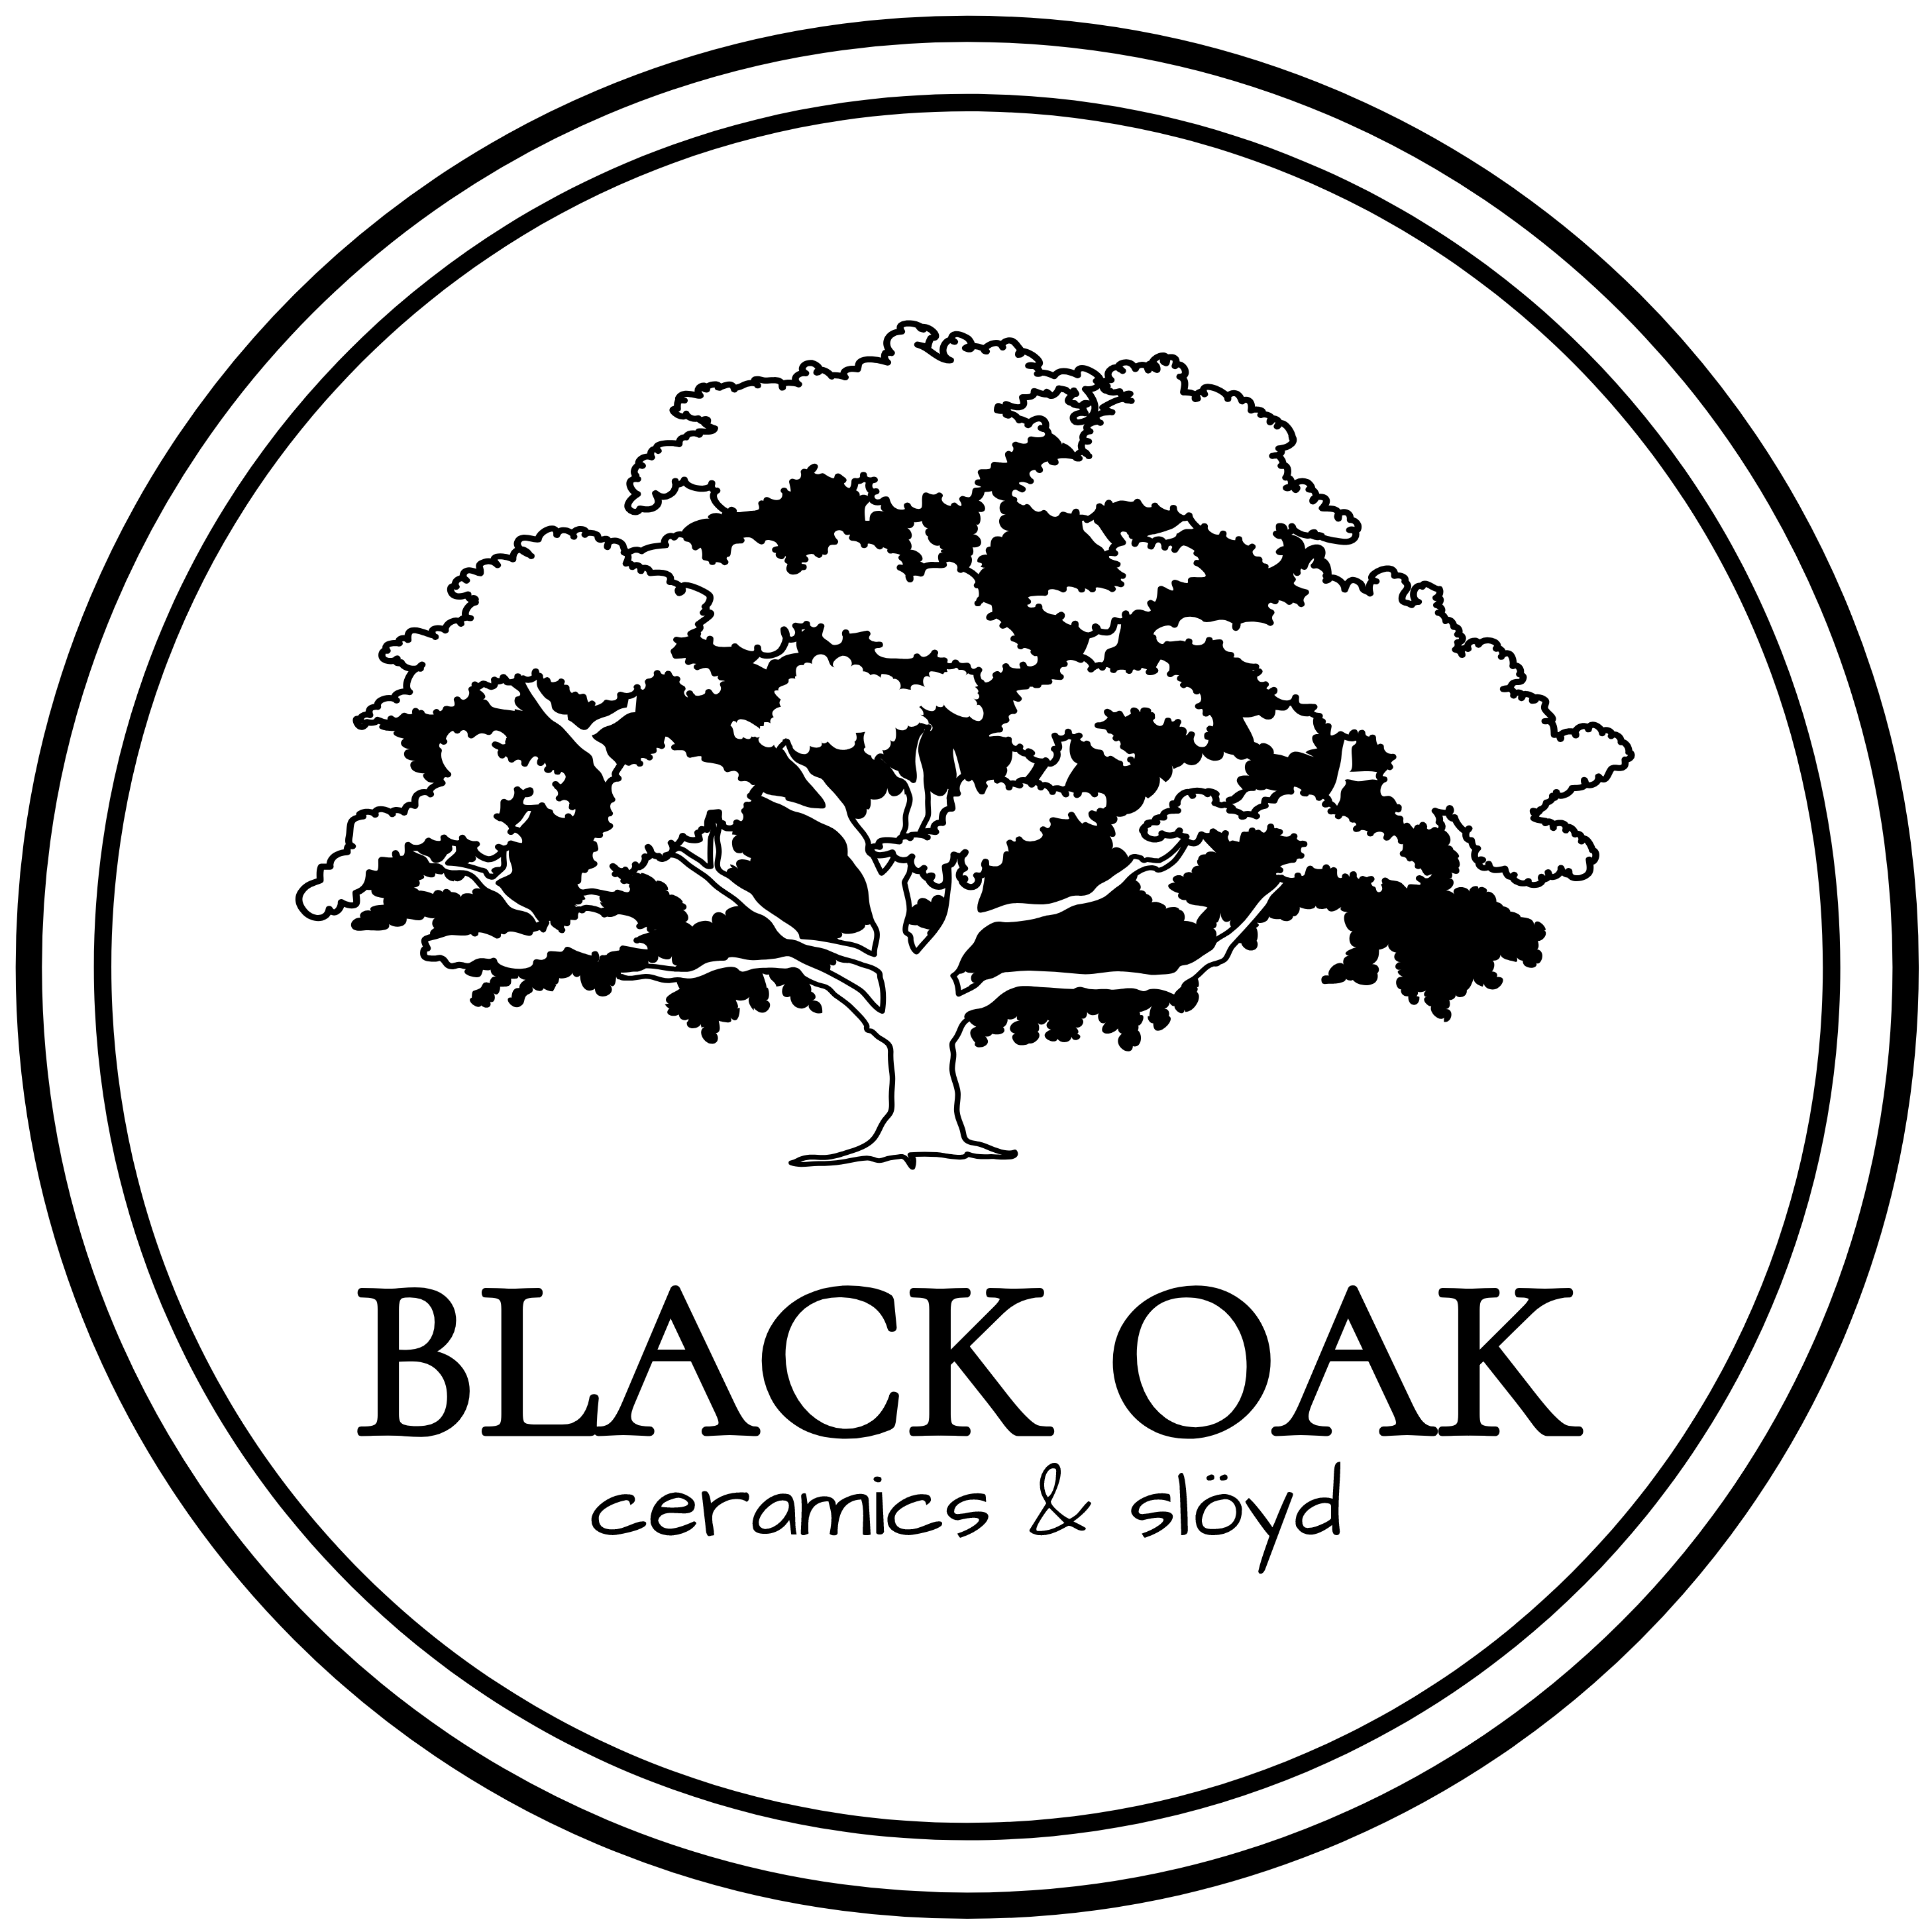 LogoMakr-8iiWLr-300dpi.png